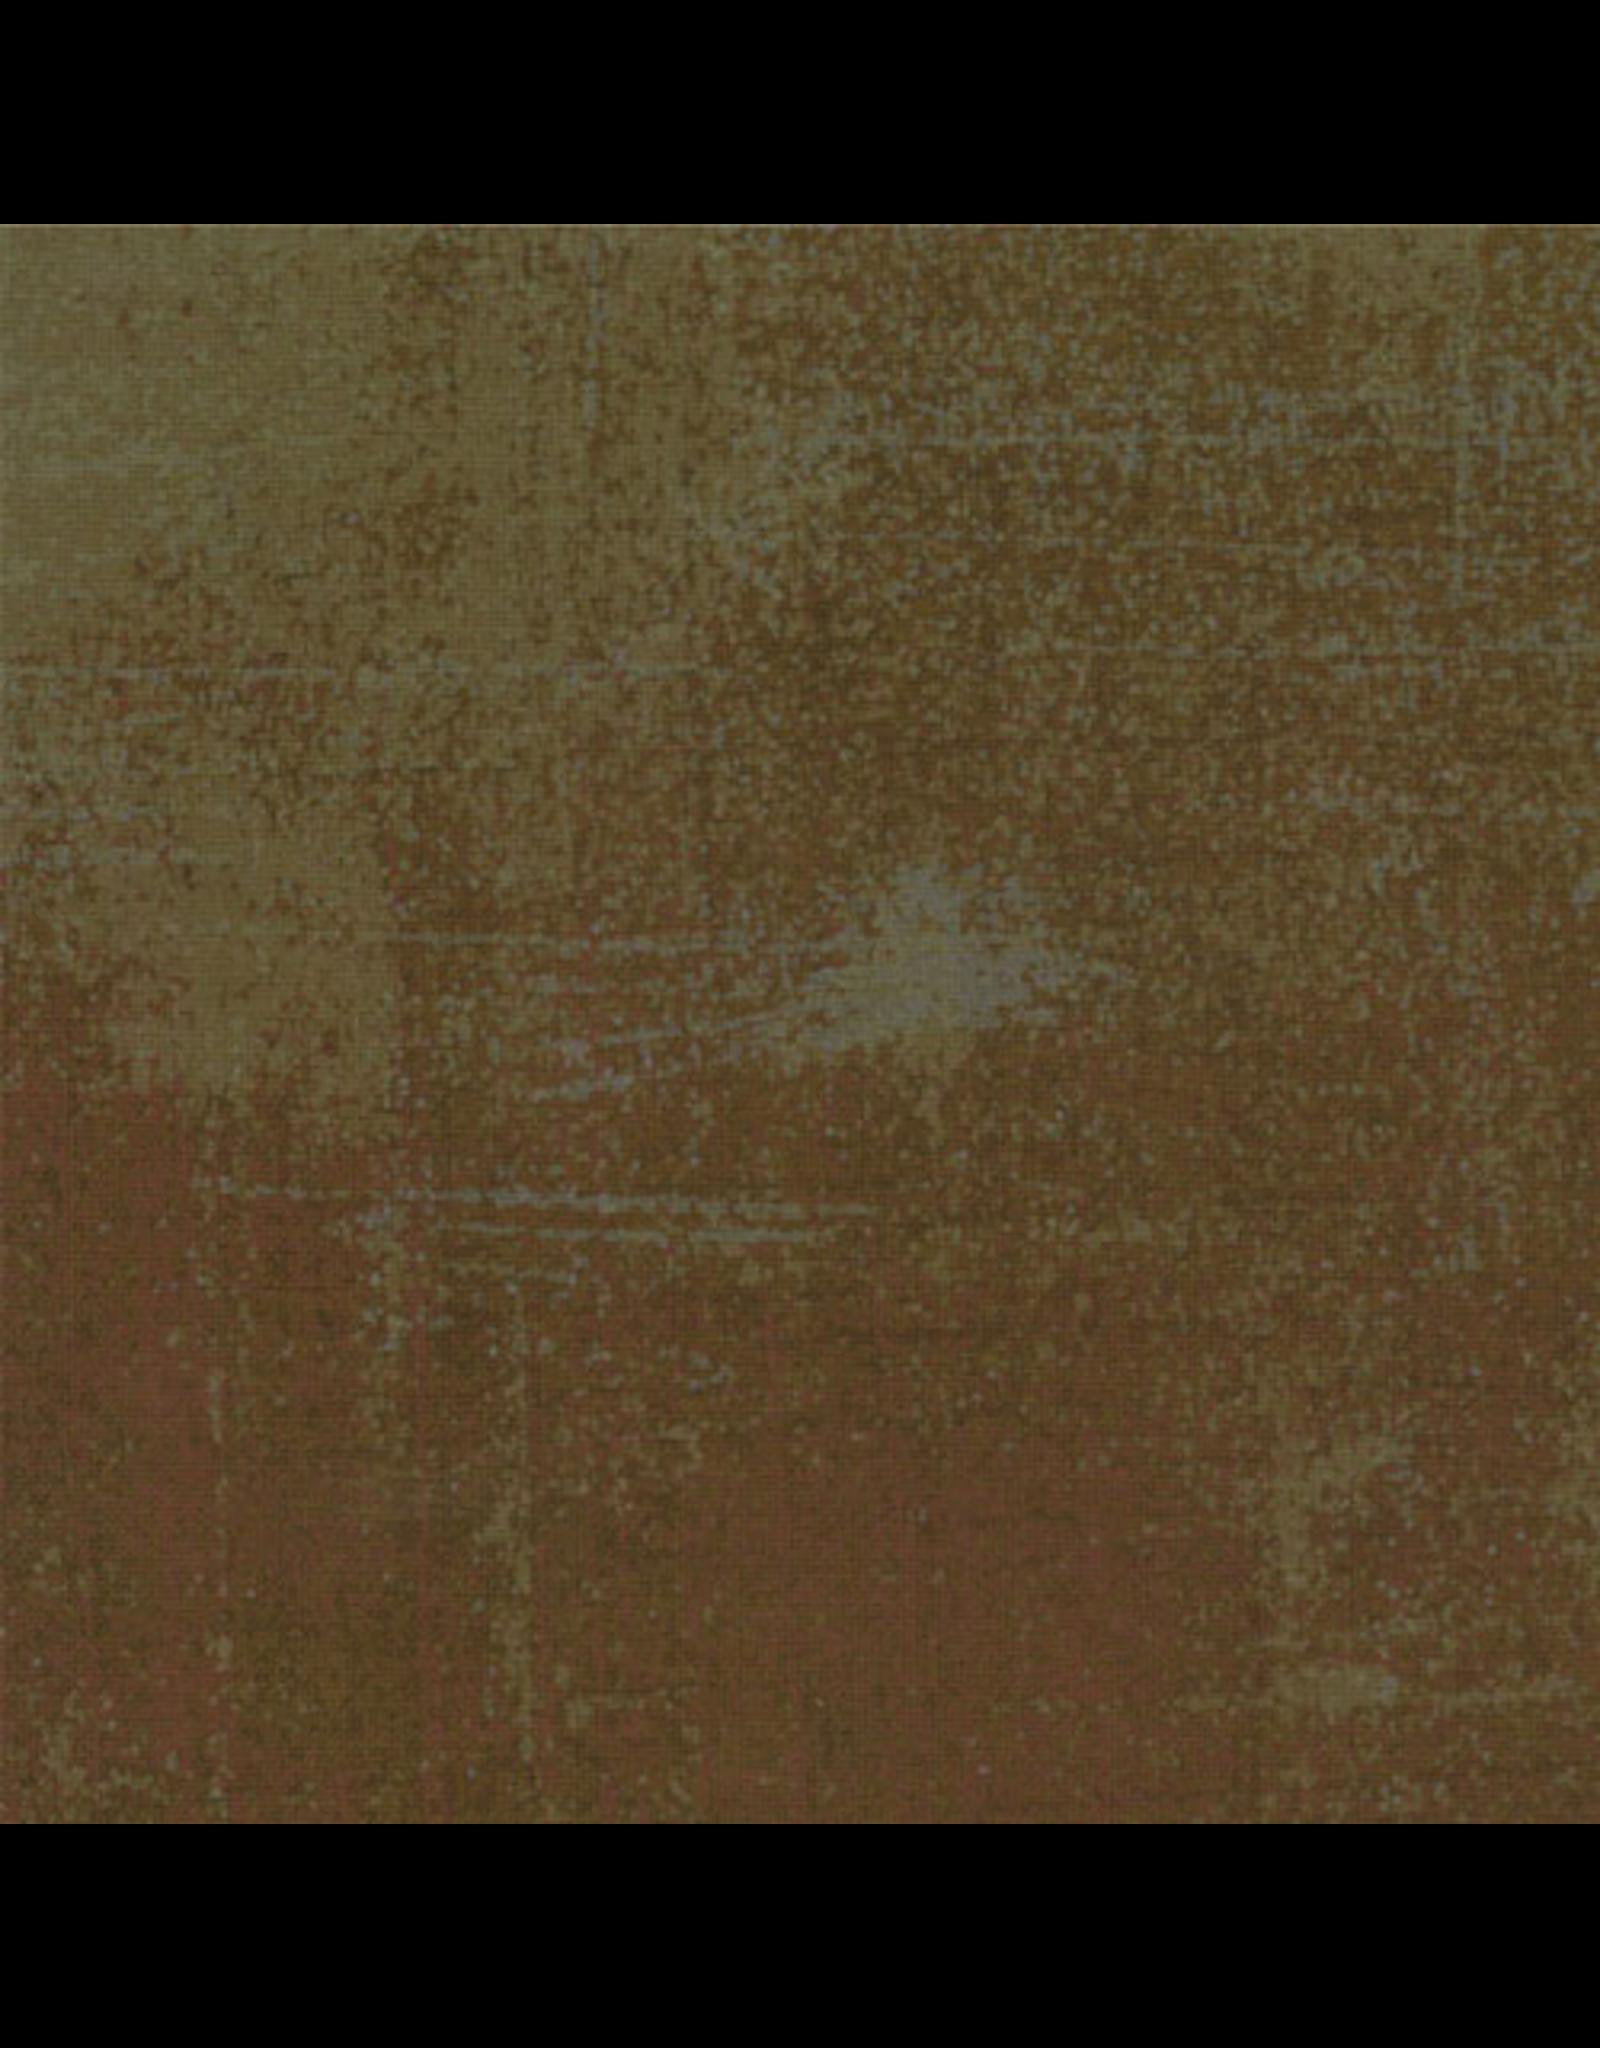 Moda Grunge in Hot Cocoa, Fabric Half-Yards 30150 89